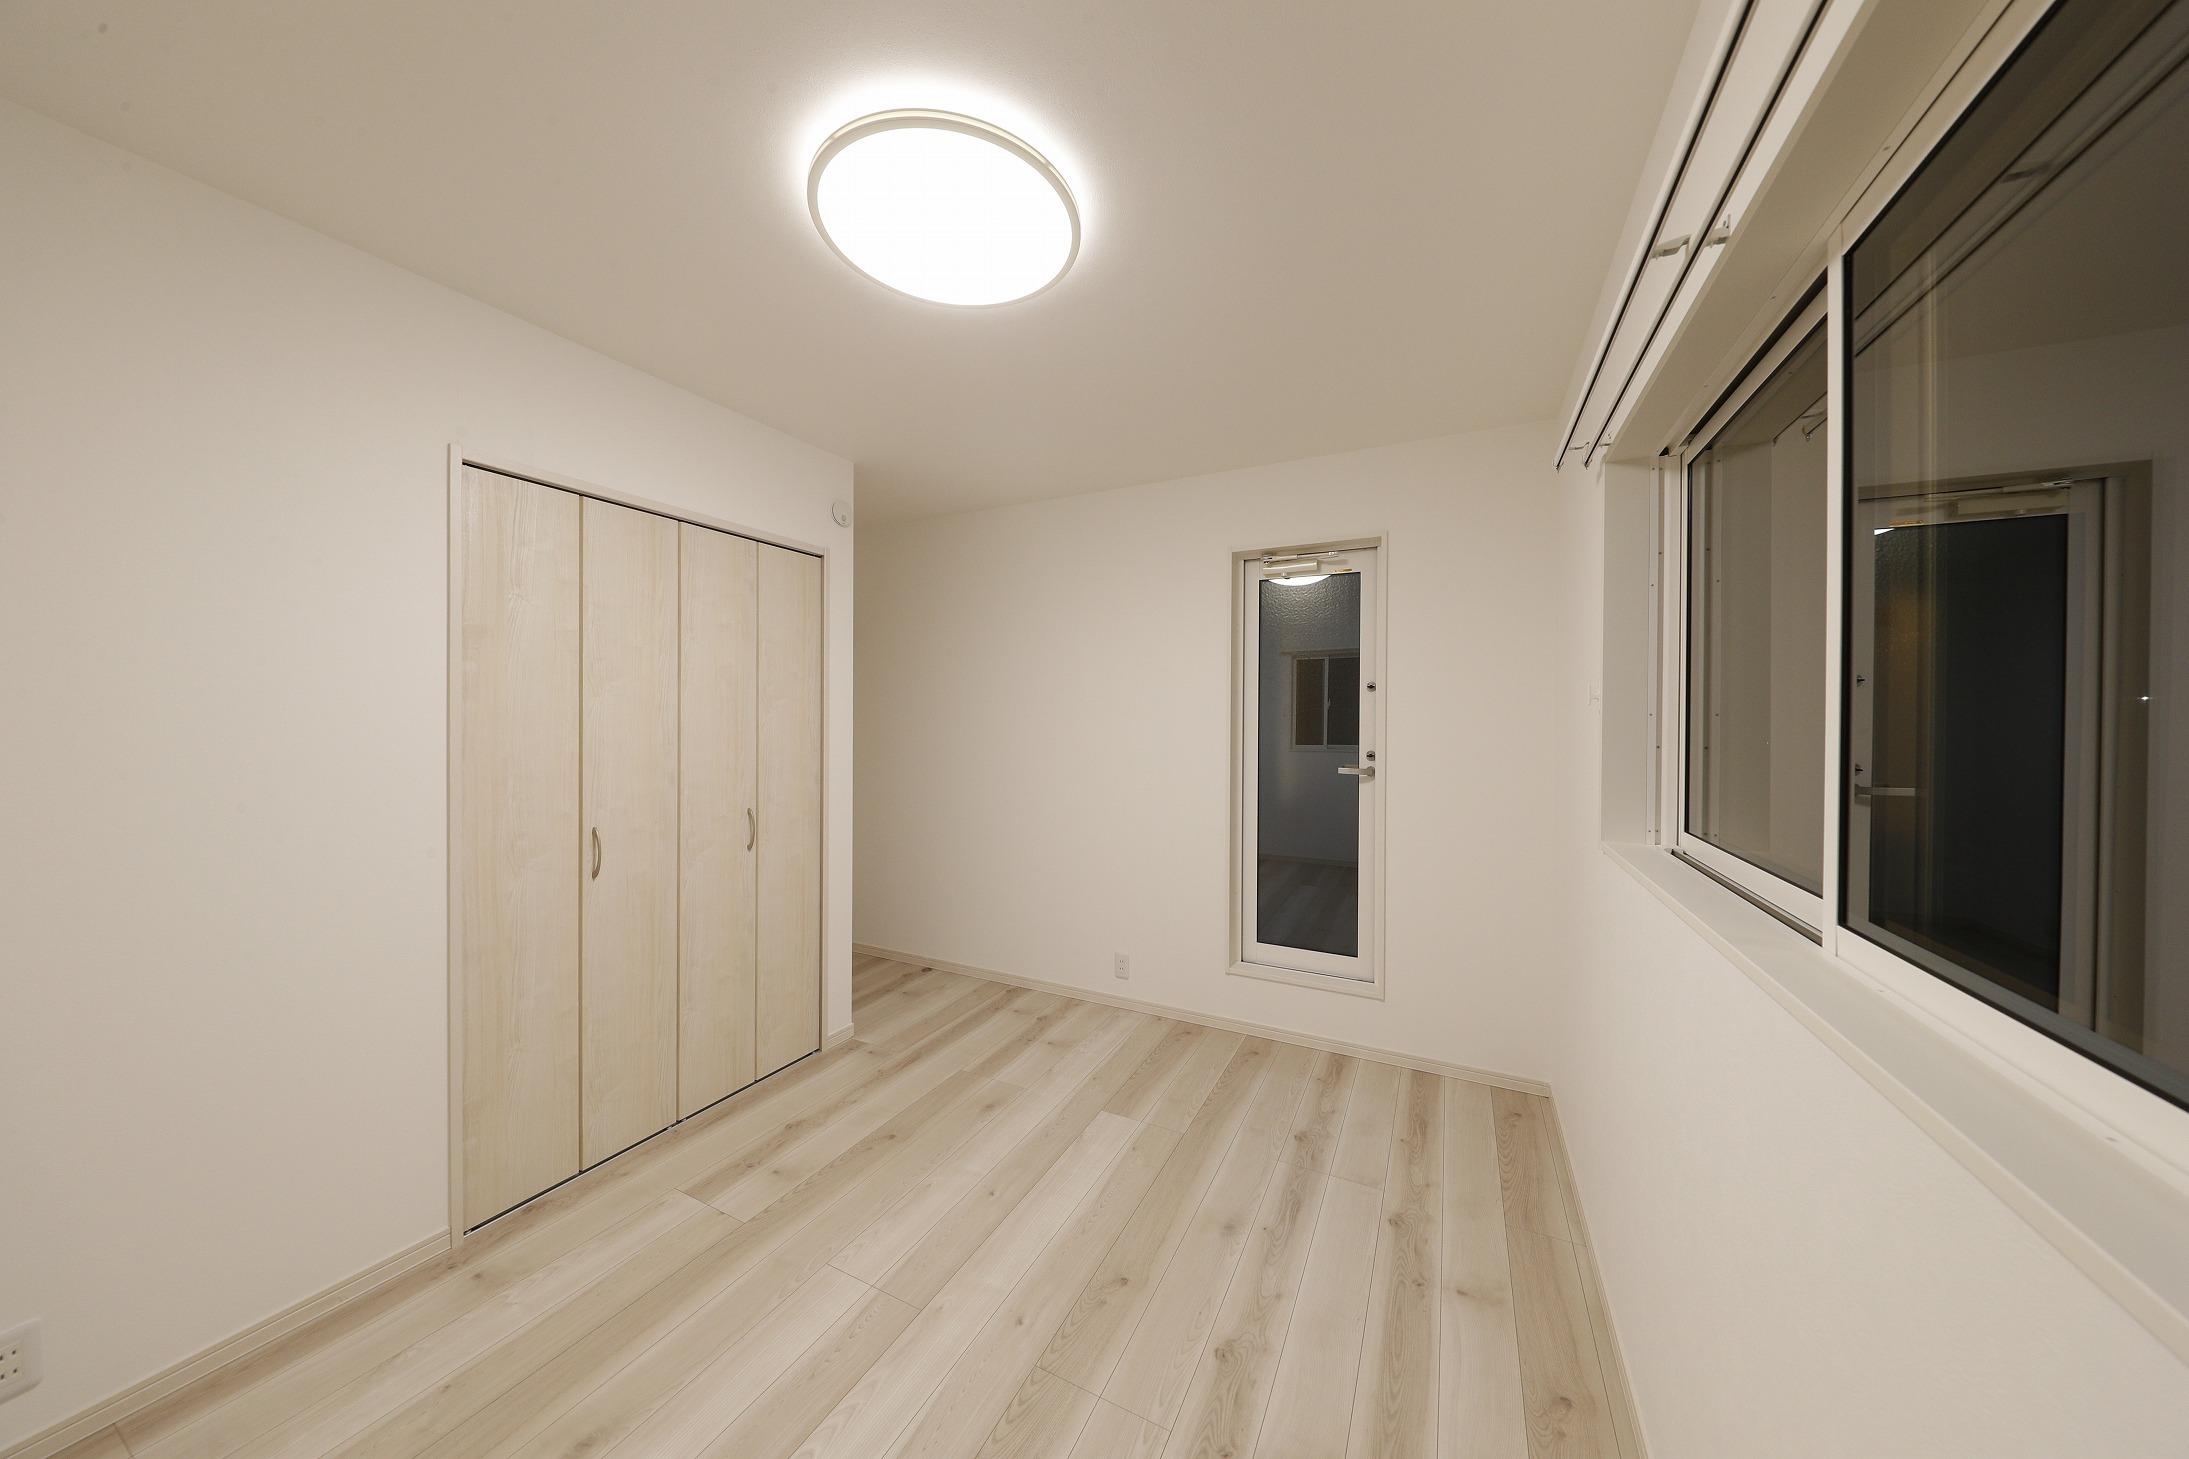 新築建売 2階建て4LDKのご紹介⑧‼_d0099965_09050771.jpg